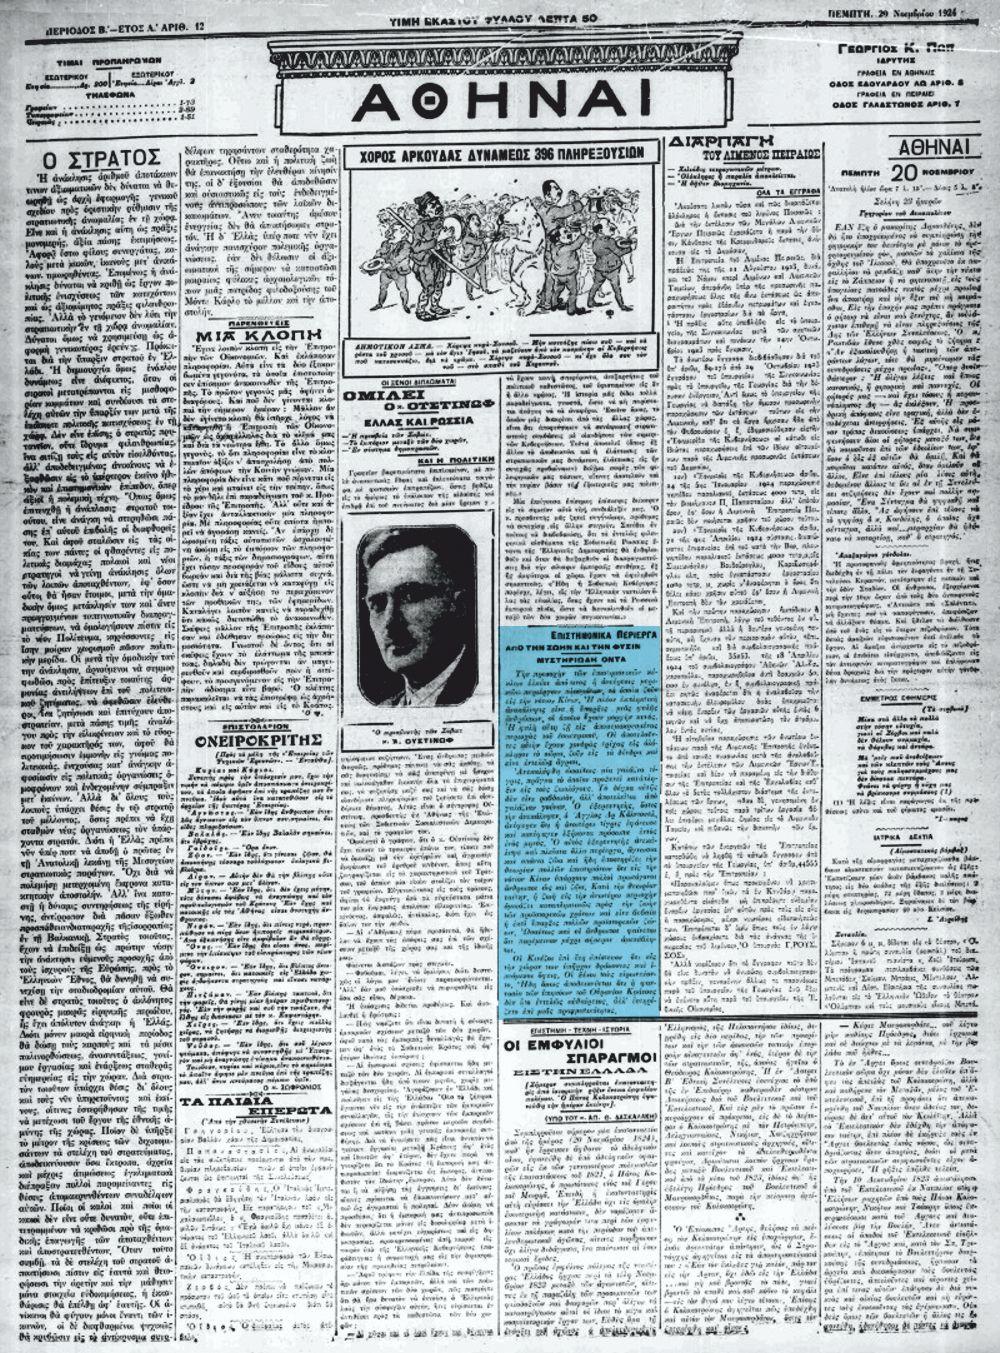 """Το άρθρο, όπως δημοσιεύθηκε στην εφημερίδα """"ΑΘΗΝΑΙ"""", στις 29/11/1924"""